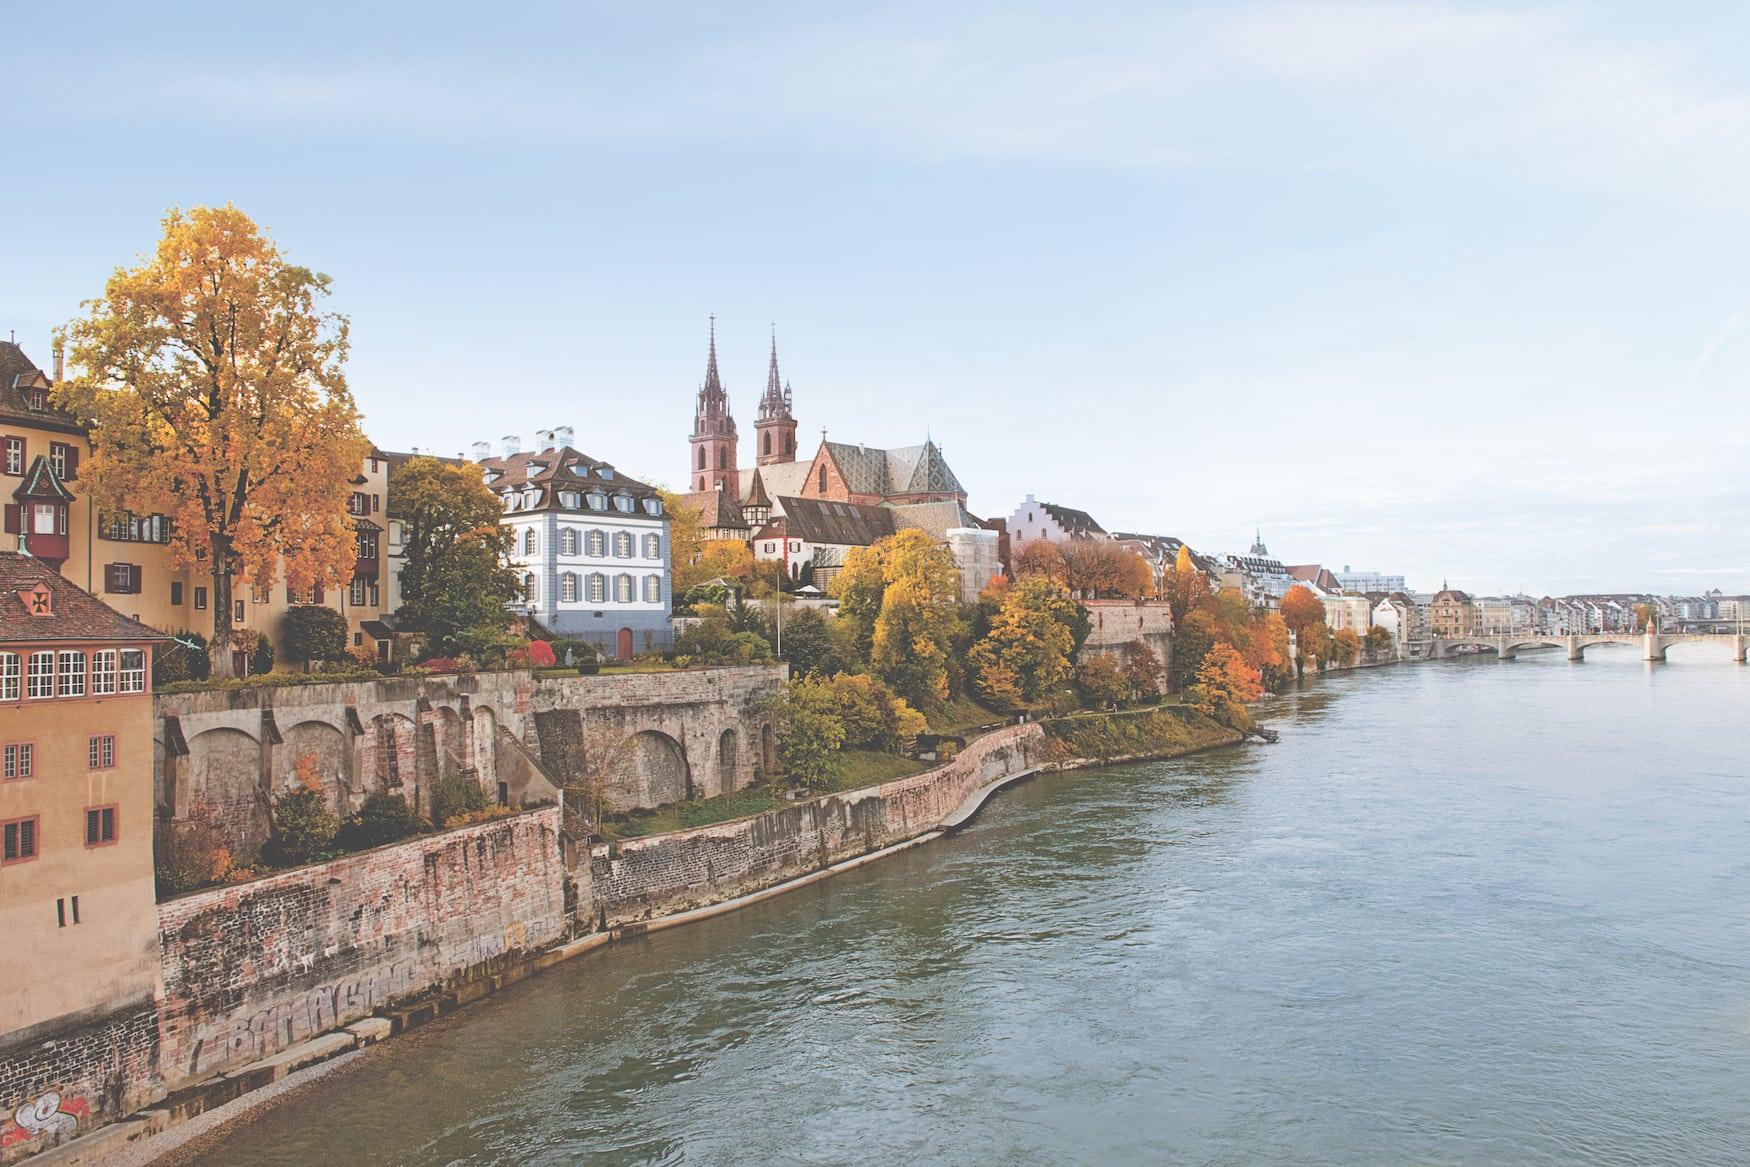 Mit seinen zwei Türmen ist das Münster das Wahrzeichen der Stadt Basel. Die Besteigung eines Turms ist ein unvergessliches Erlebnis.